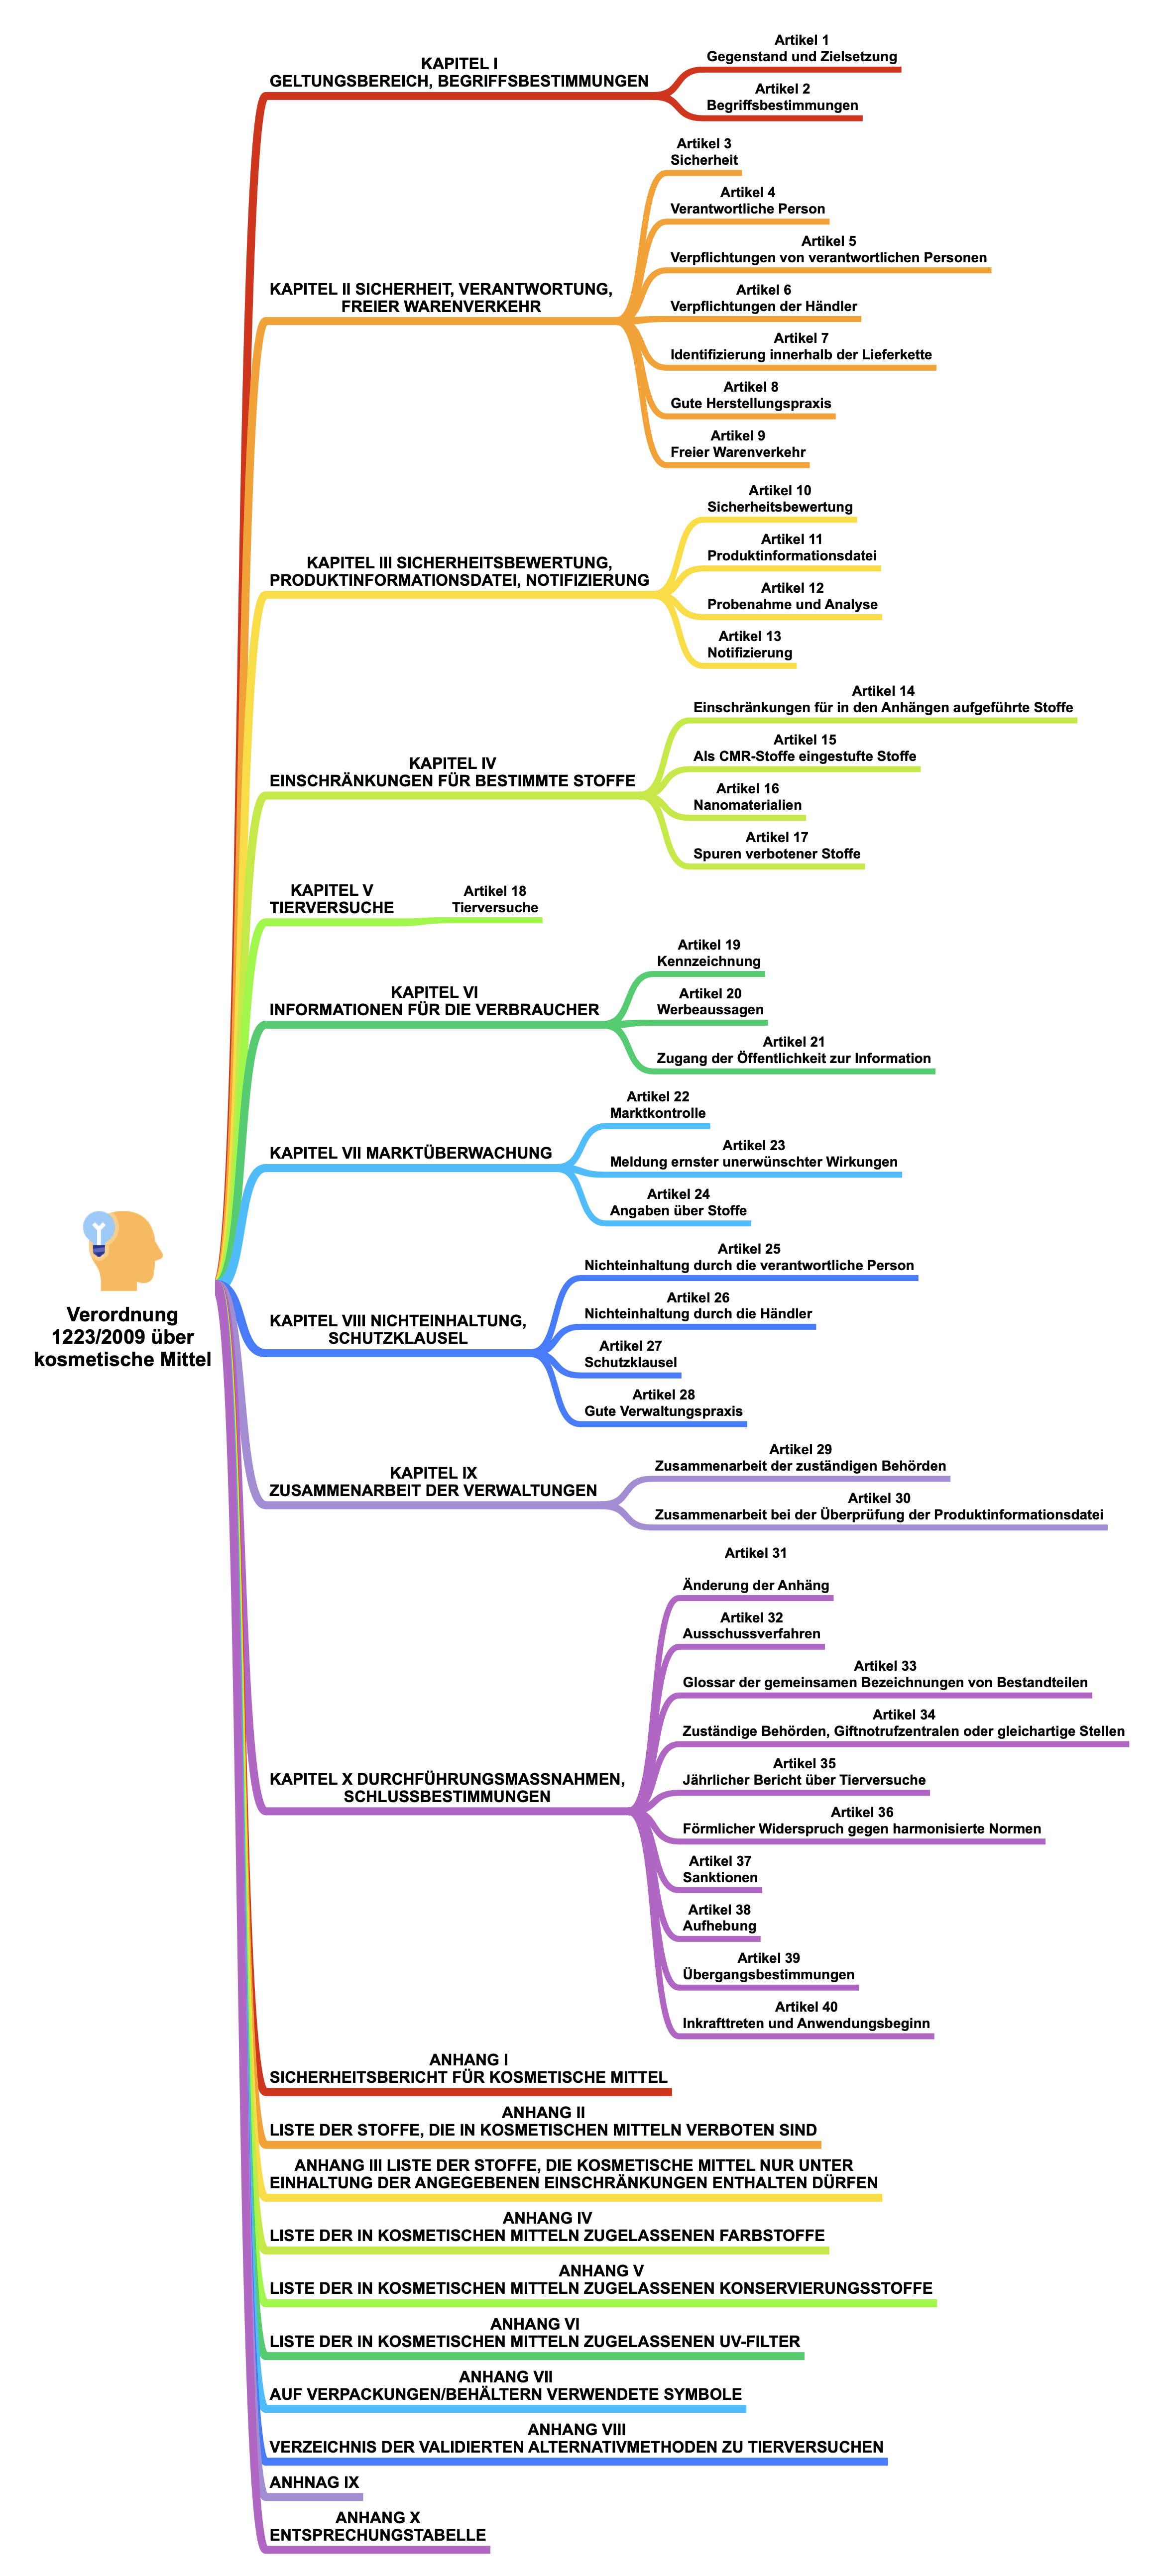 Grafische Darstellung der Struktur der Verordnung (EG) Nr. 1223/2009 über kosmetische Mittel